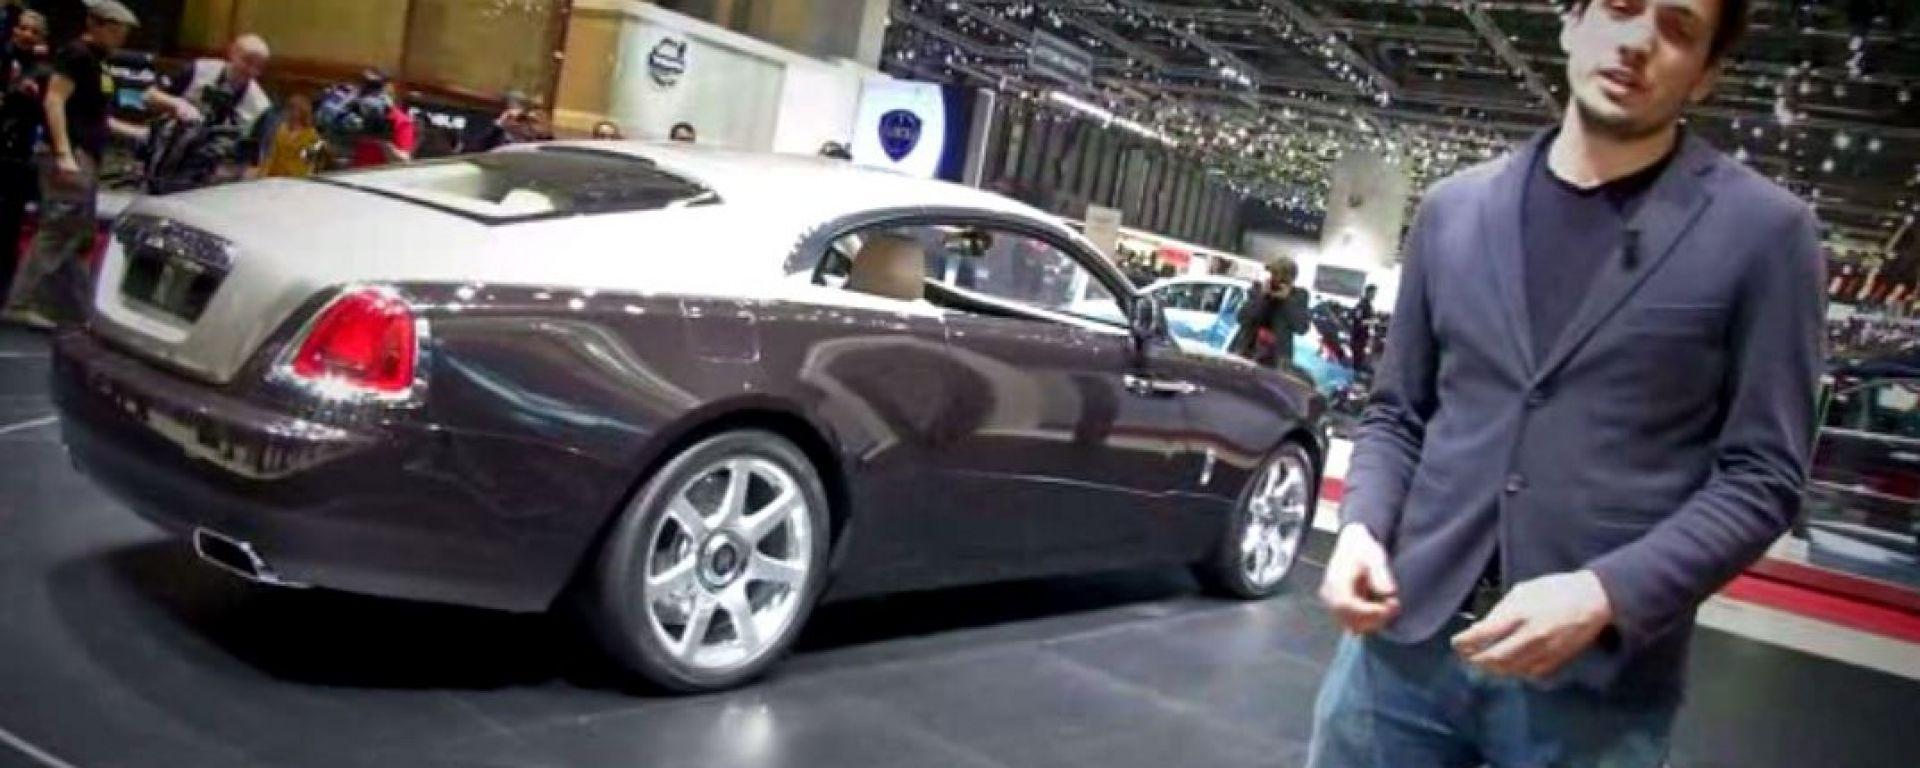 Salone di Ginevra 2013: Rolls Royce